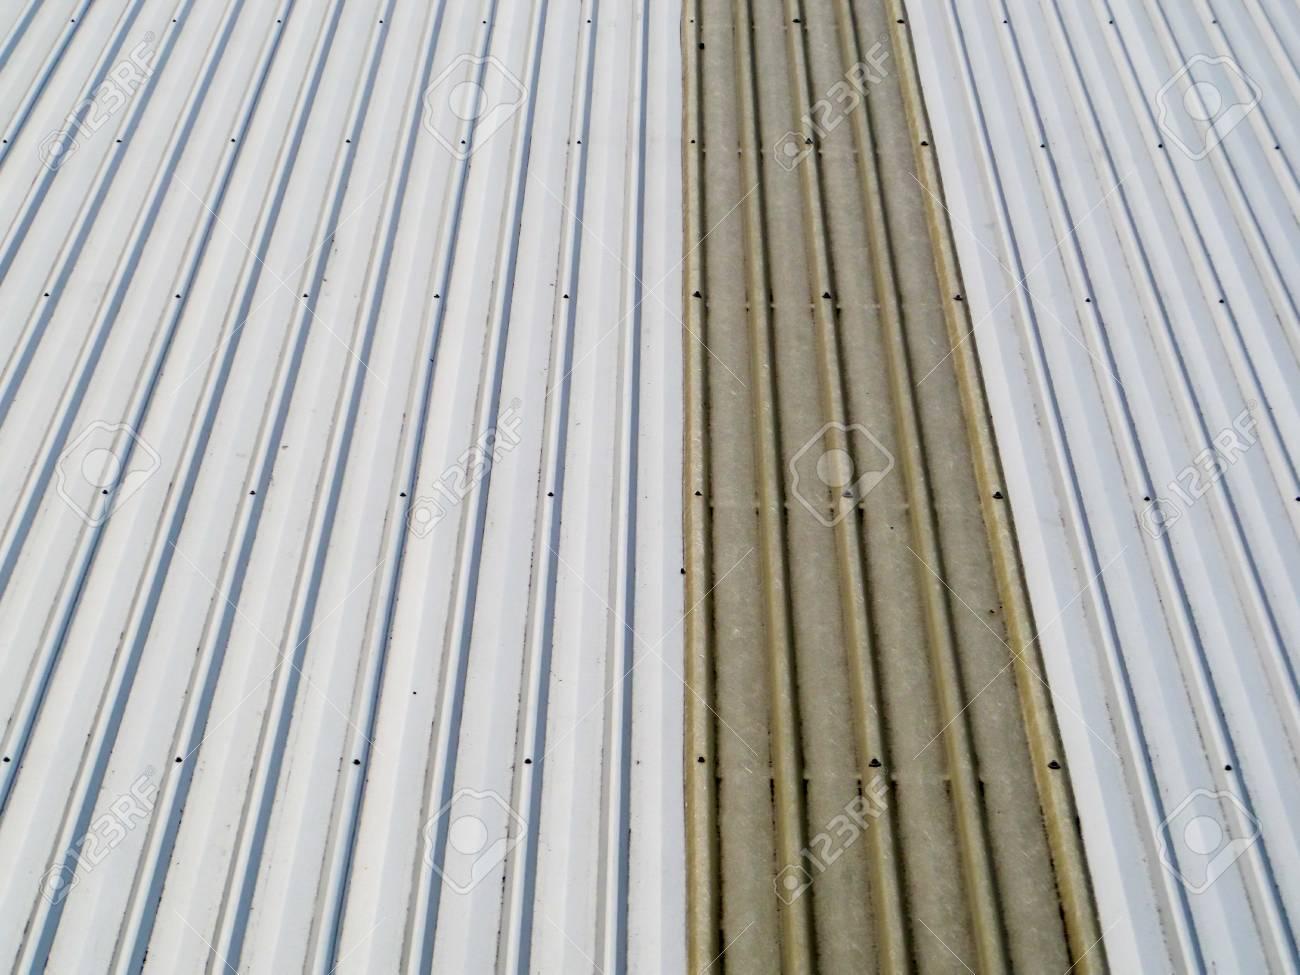 Couvrir Un Toit les feuilles d'aluminium utilisées pour couvrir le toit sont encore